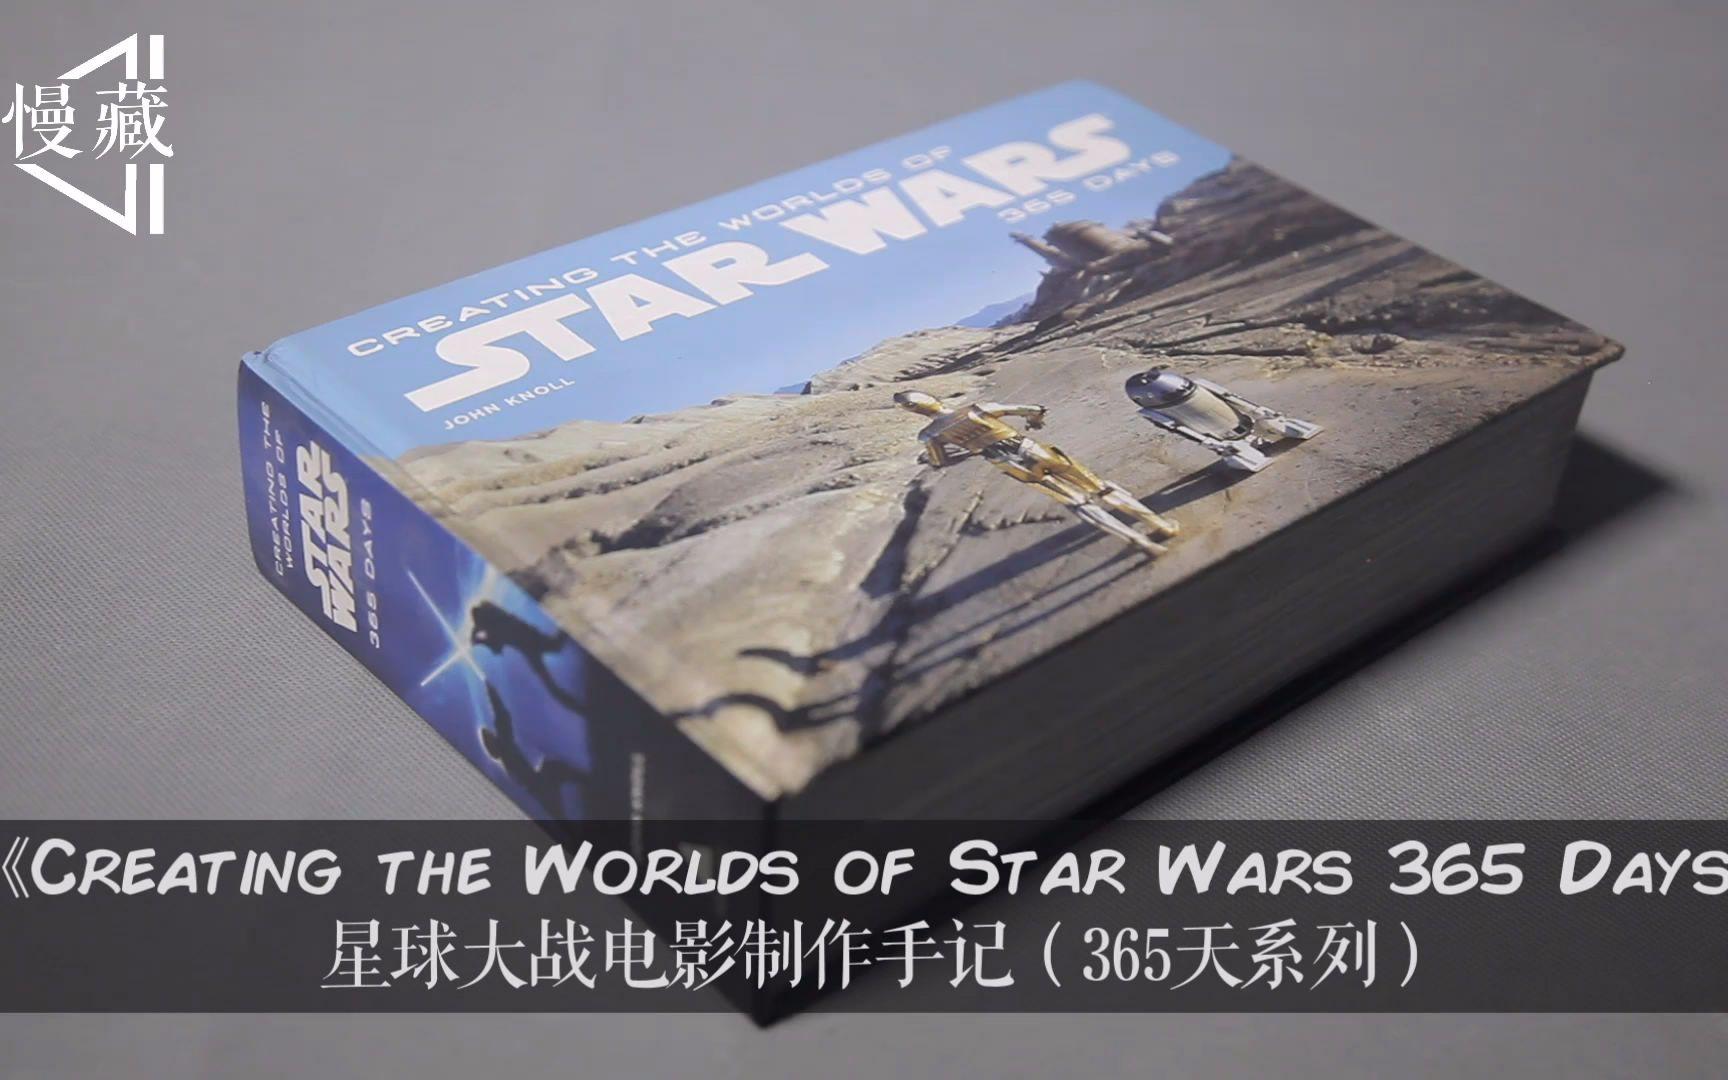 【图书预览】Creating the Worlds of Star Wars 365 Days  星球大战原版书电影幕后_哔哩哔哩(゜-゜)つロ干杯~-bilibili